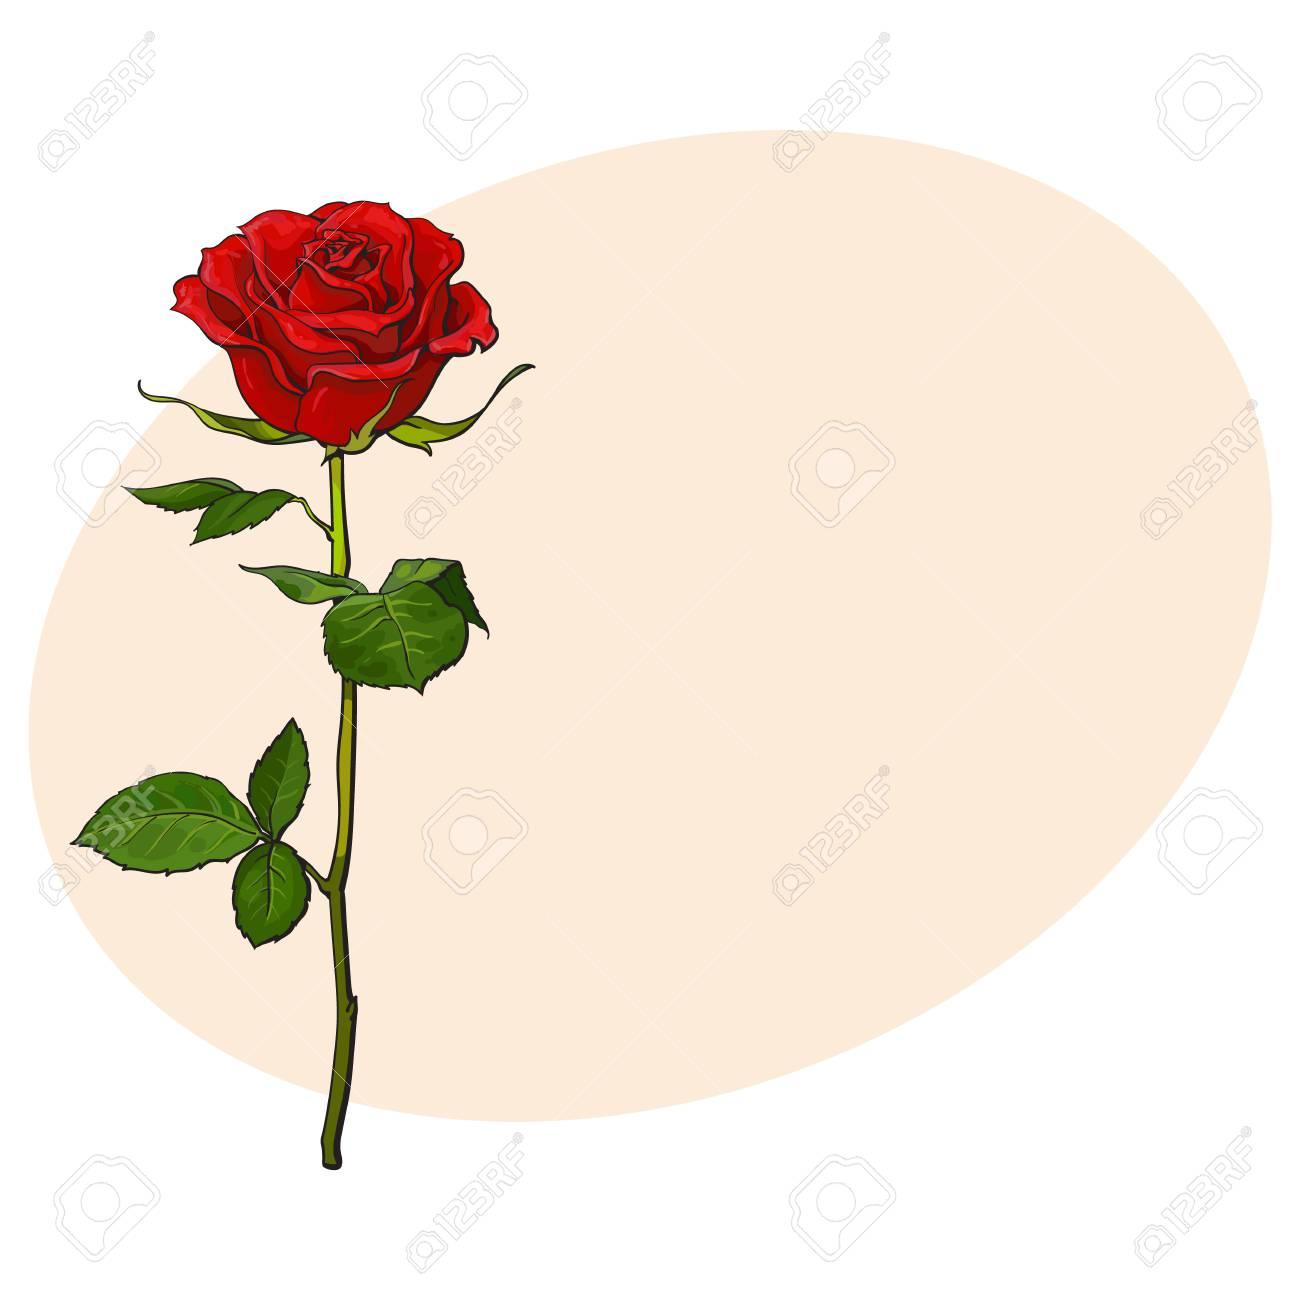 Rouge Foncé Fleur Rose Rubis Avec Des Feuilles Vertes Illustration De Vecteur De Style Croquis Isolé Sur Fond Avec Place Pour Le Texte Dessin